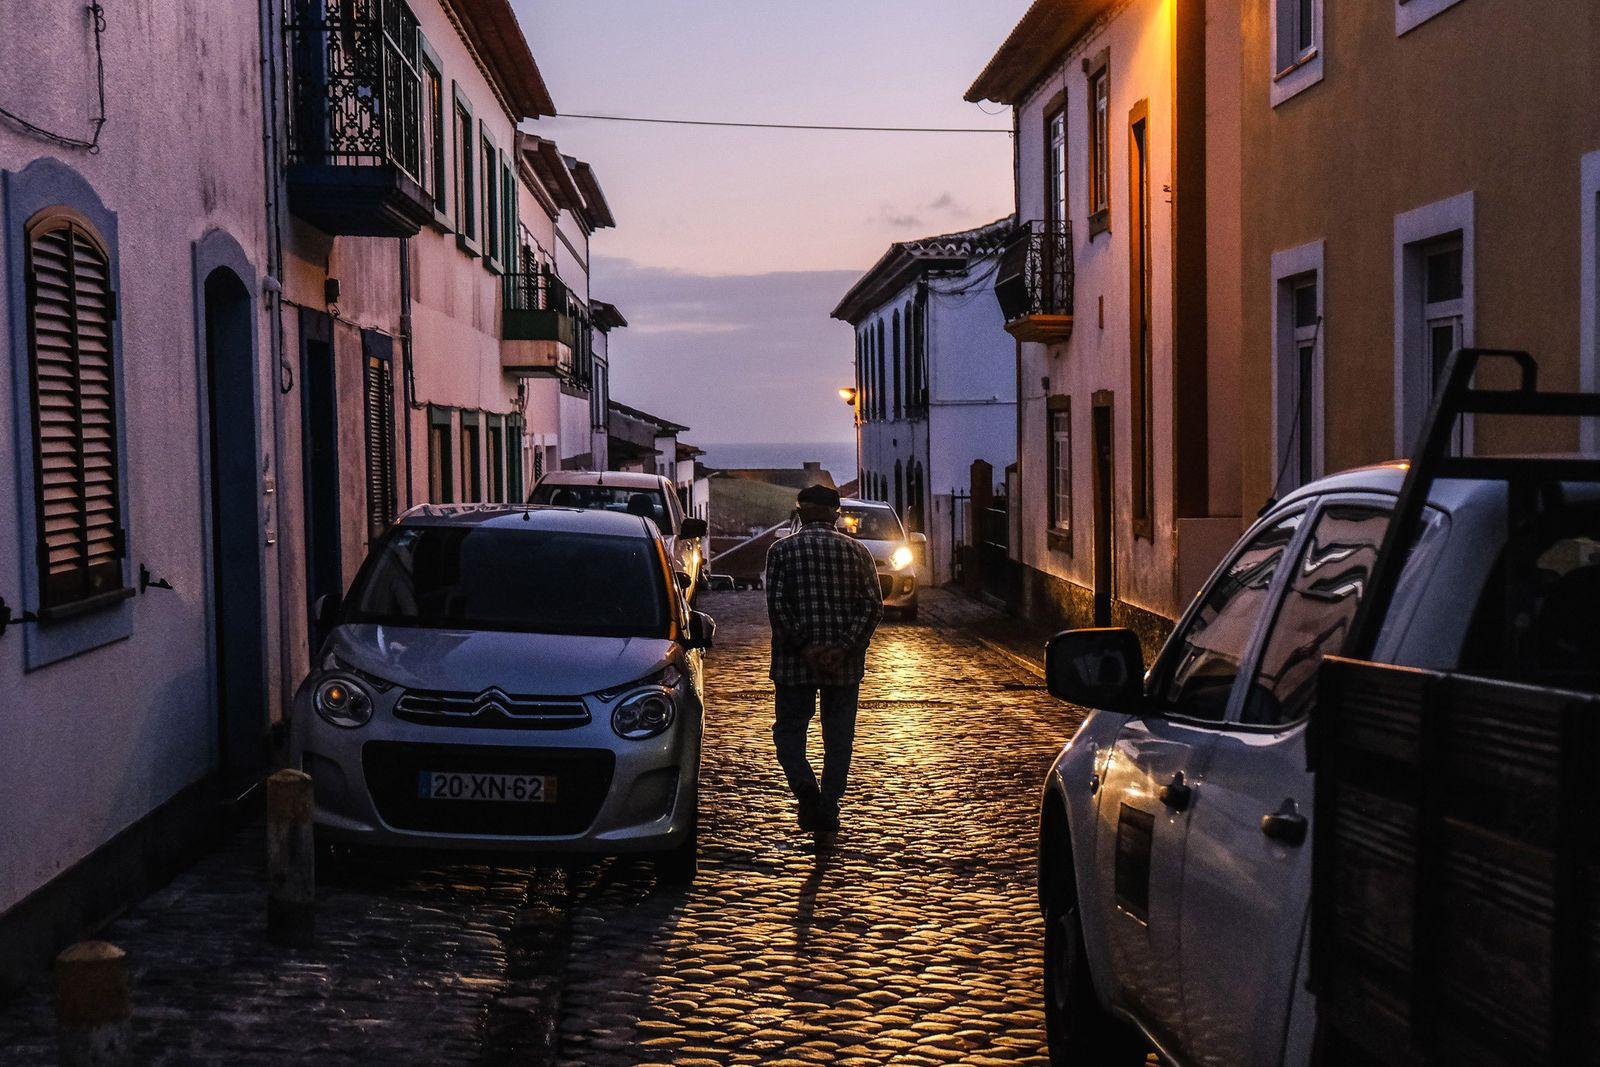 Ao cair da noite, em Angra do Heroísmo, um habitante local faz um passeio solitário em ...